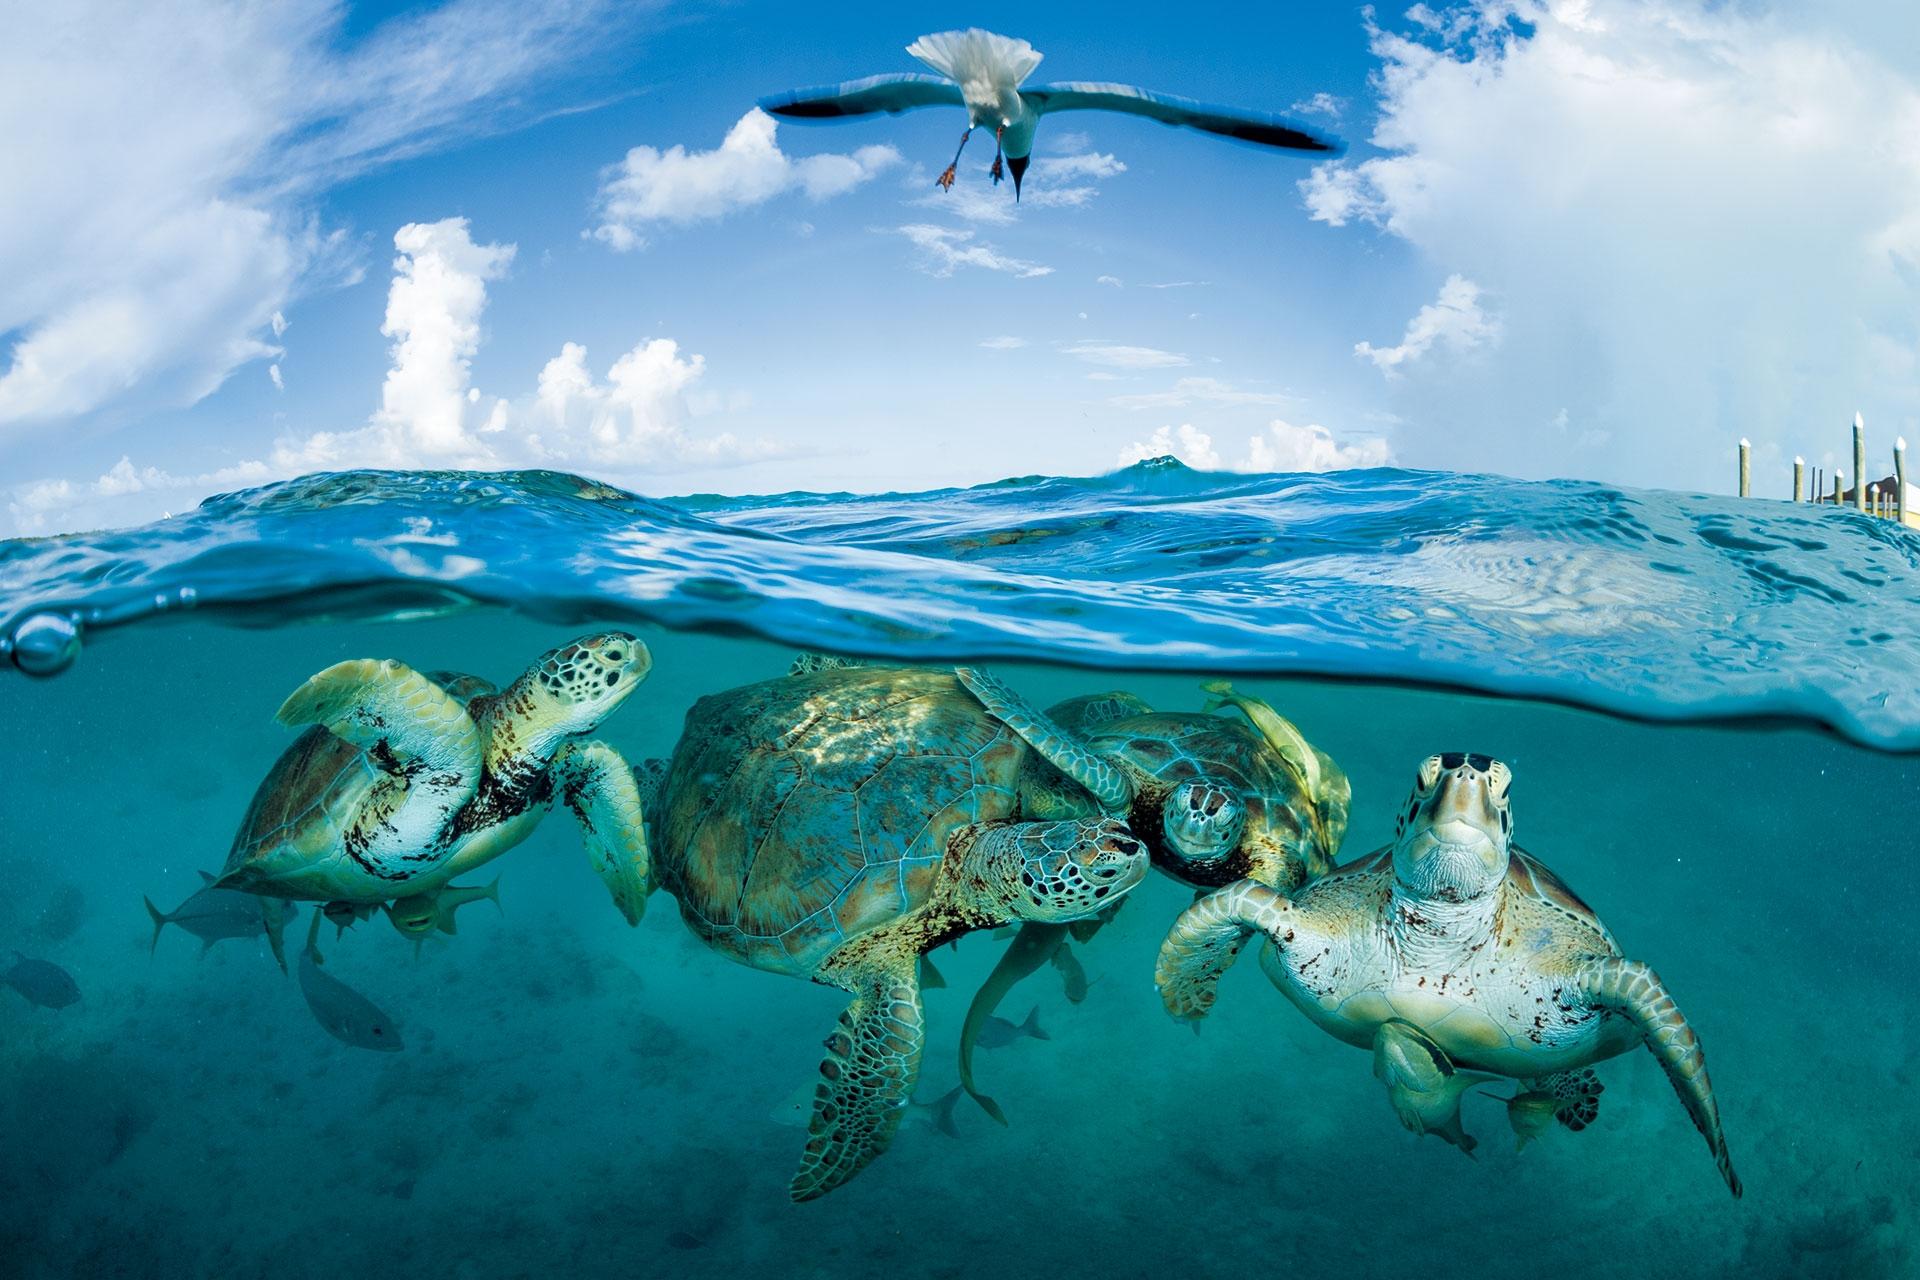 綠蠵龜聚集在巴哈馬的一個碼頭附近。在哥倫布時期,綠蠵龜多到讓人覺得「船隻似乎會在綠蠵龜群身上擱淺。」攝影:湯瑪斯.P.帕斯查克THOMAS P. PESCHAK